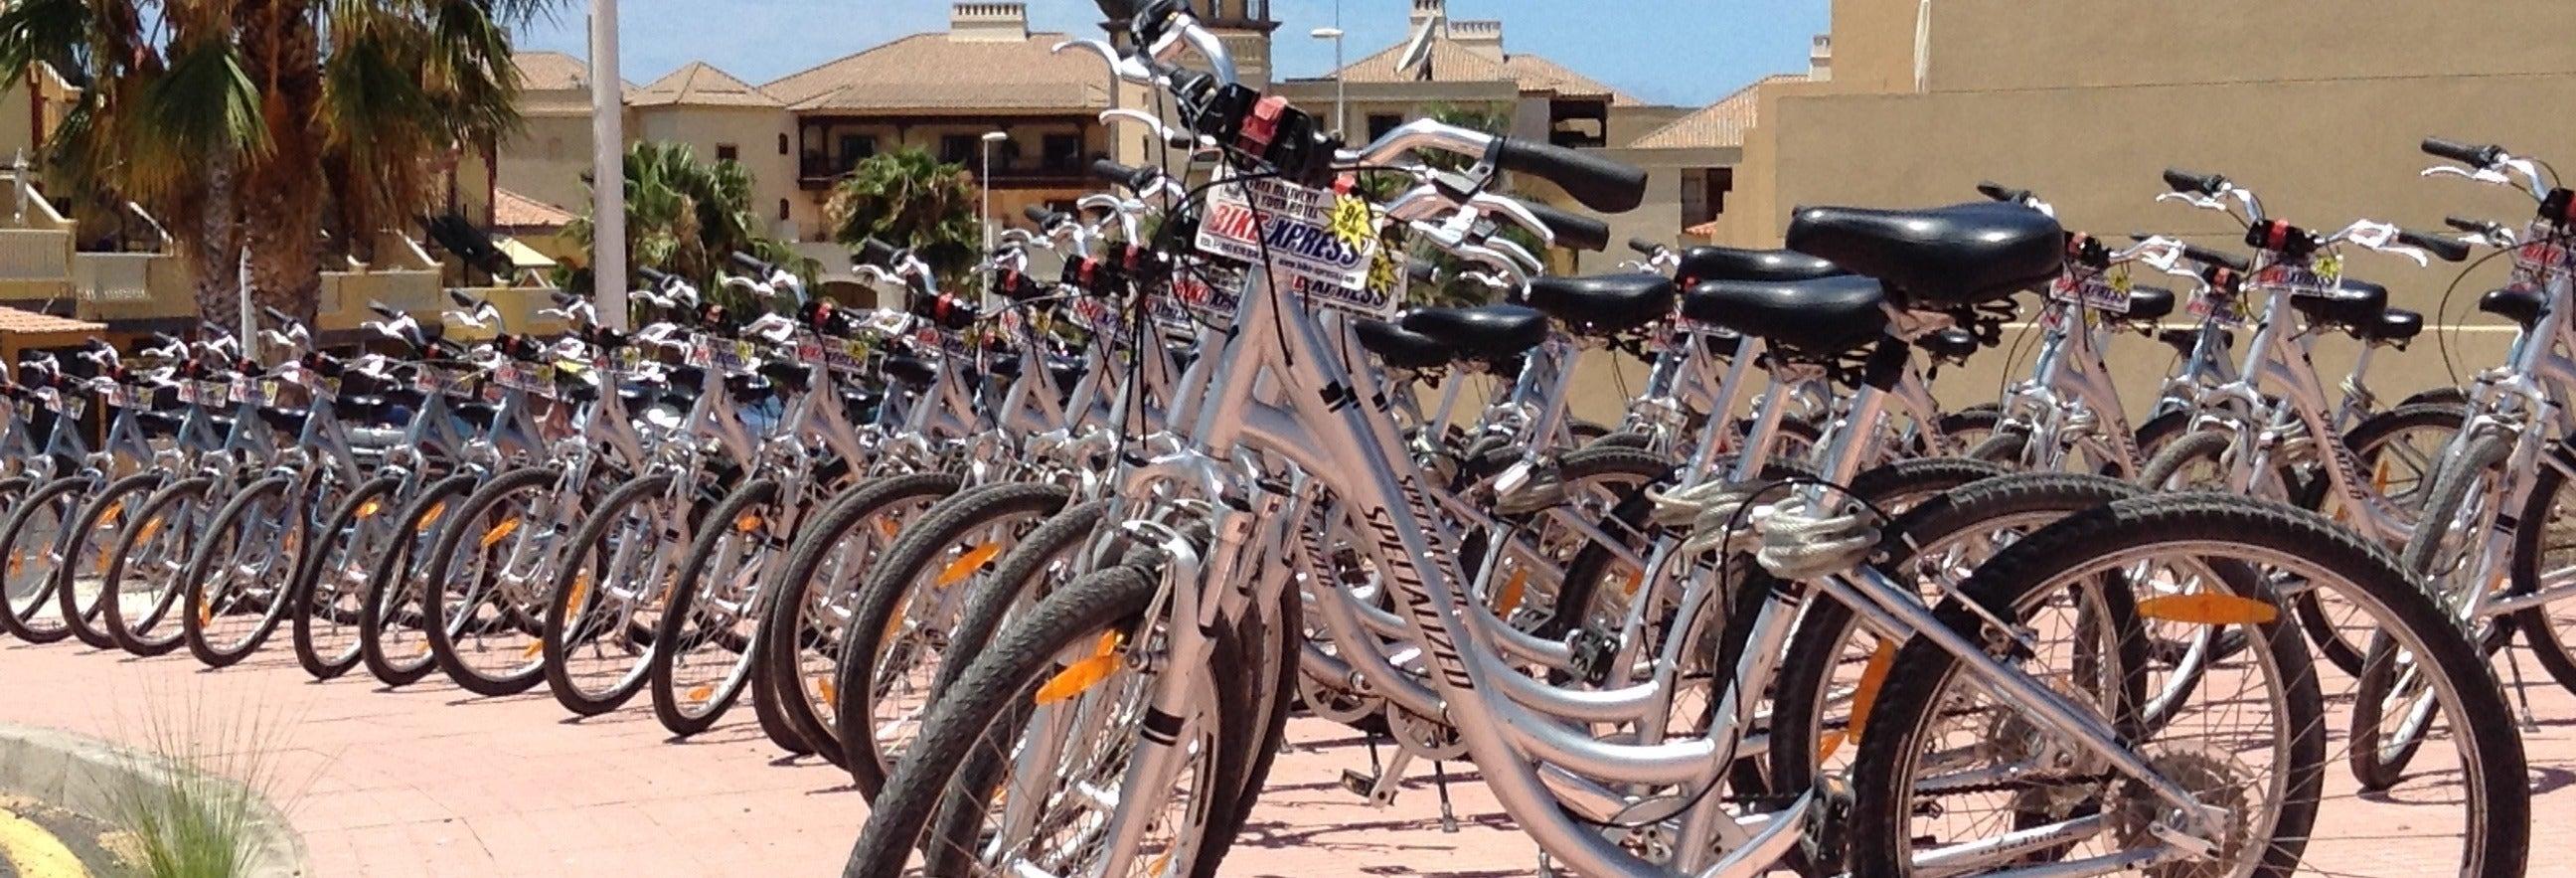 Alquiler de bicicleta en el sur de Tenerife